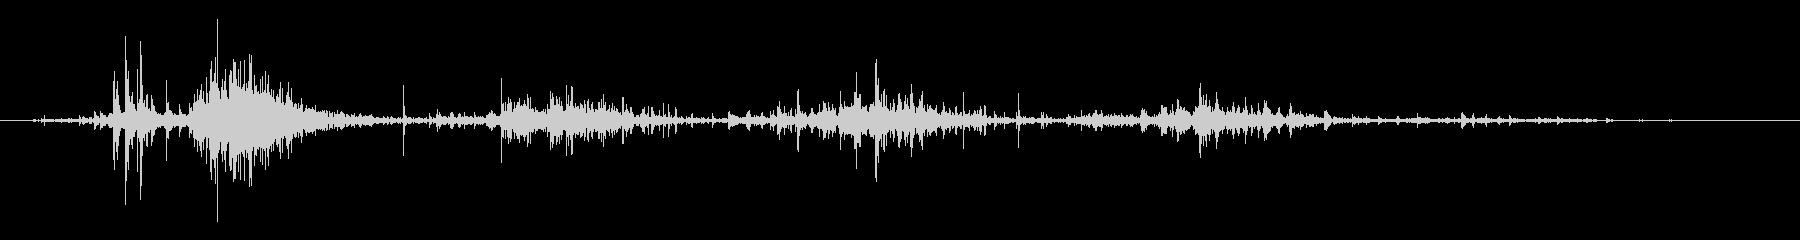 タブレッド菓子出す音・振る音8の未再生の波形